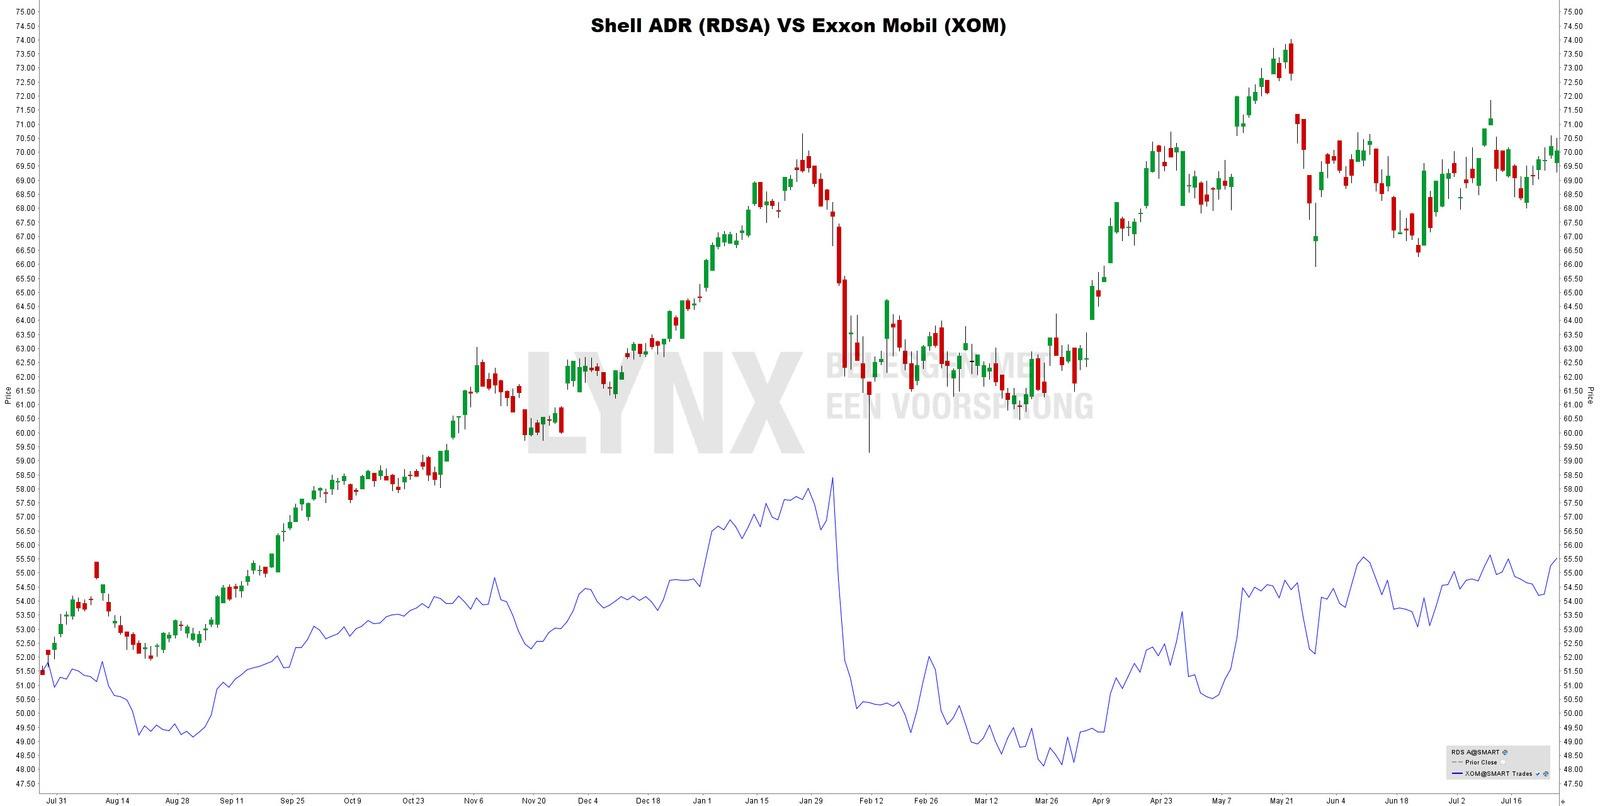 Aandeel Shell vs. aandeel Exxon Mobil